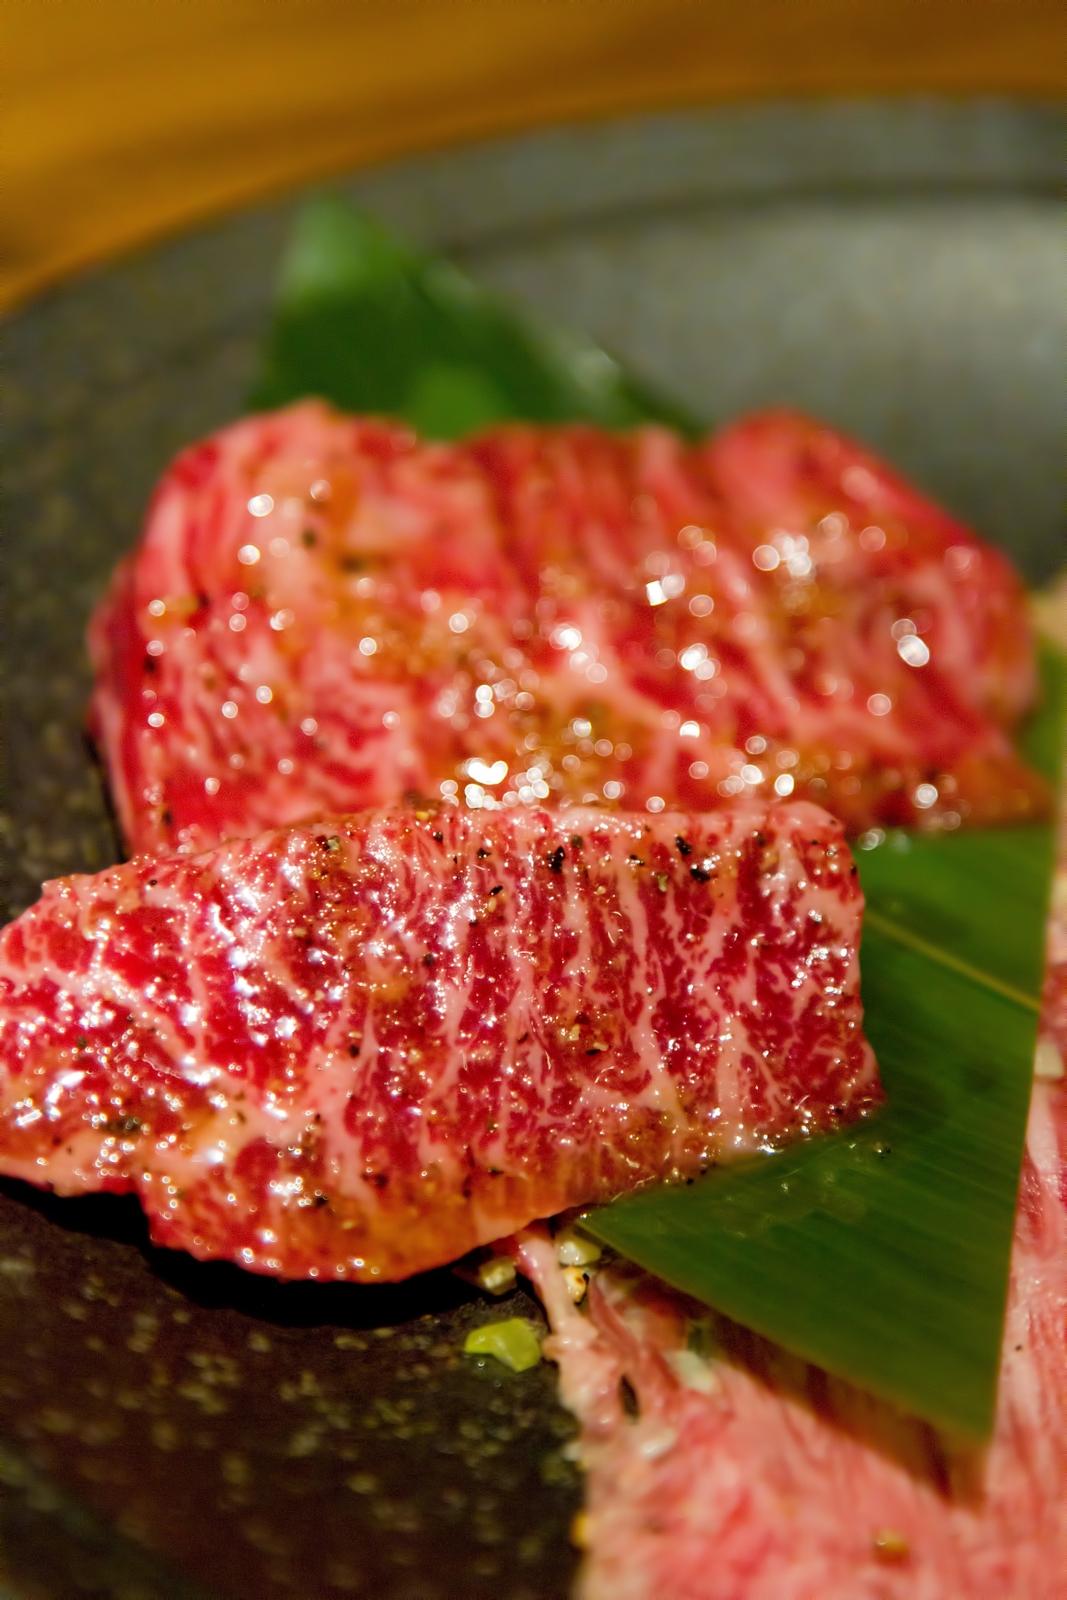 新宿で焼肉ランチしよう!食べ放題や安いお店・高級店のランチも!